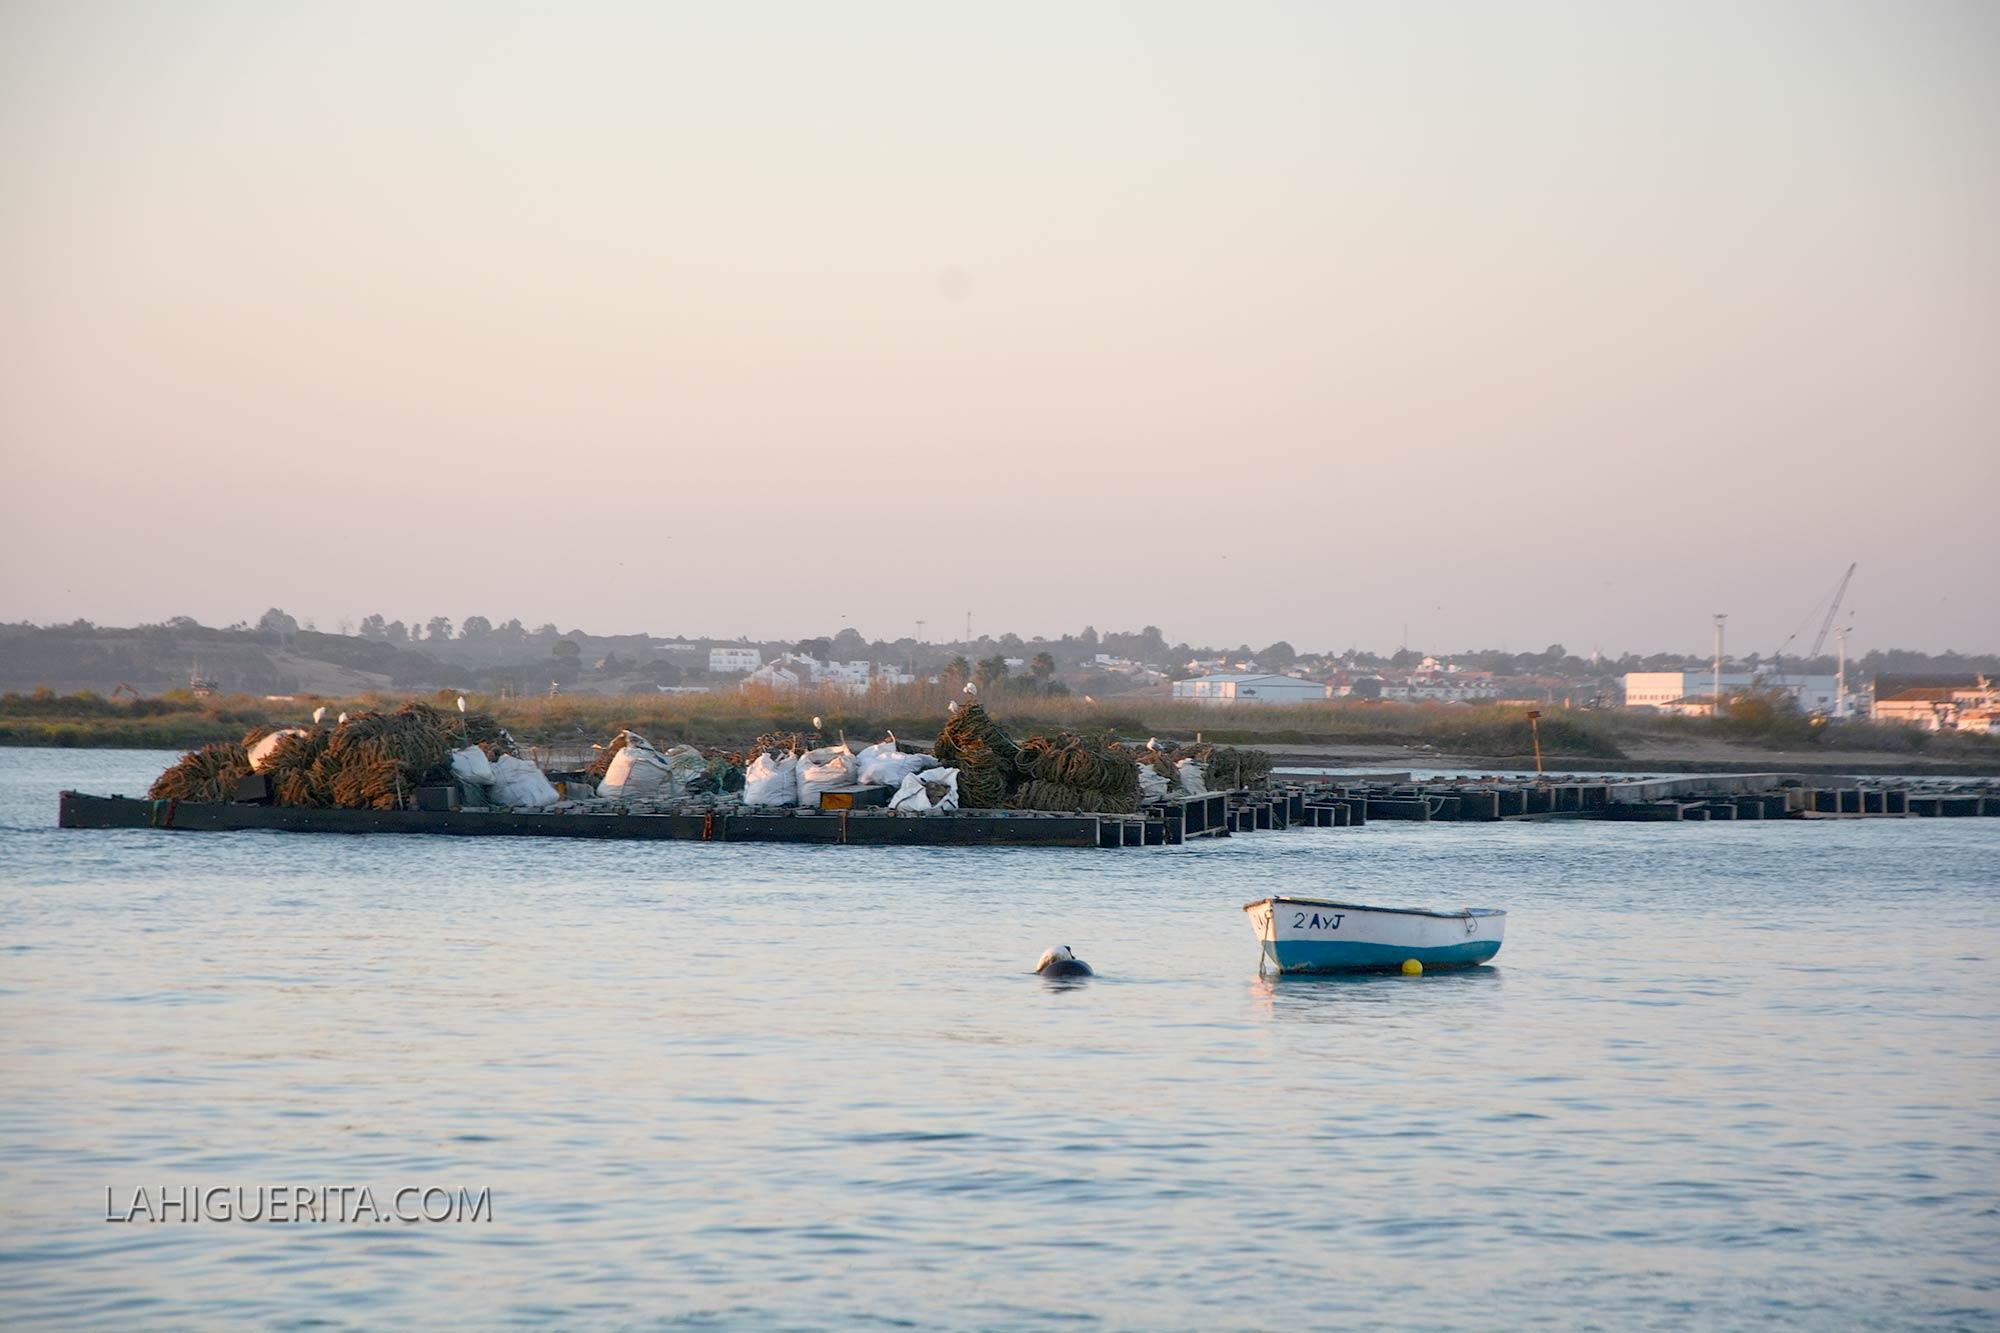 Autorizada la captura del mejillón en la zona de Isla Cristina